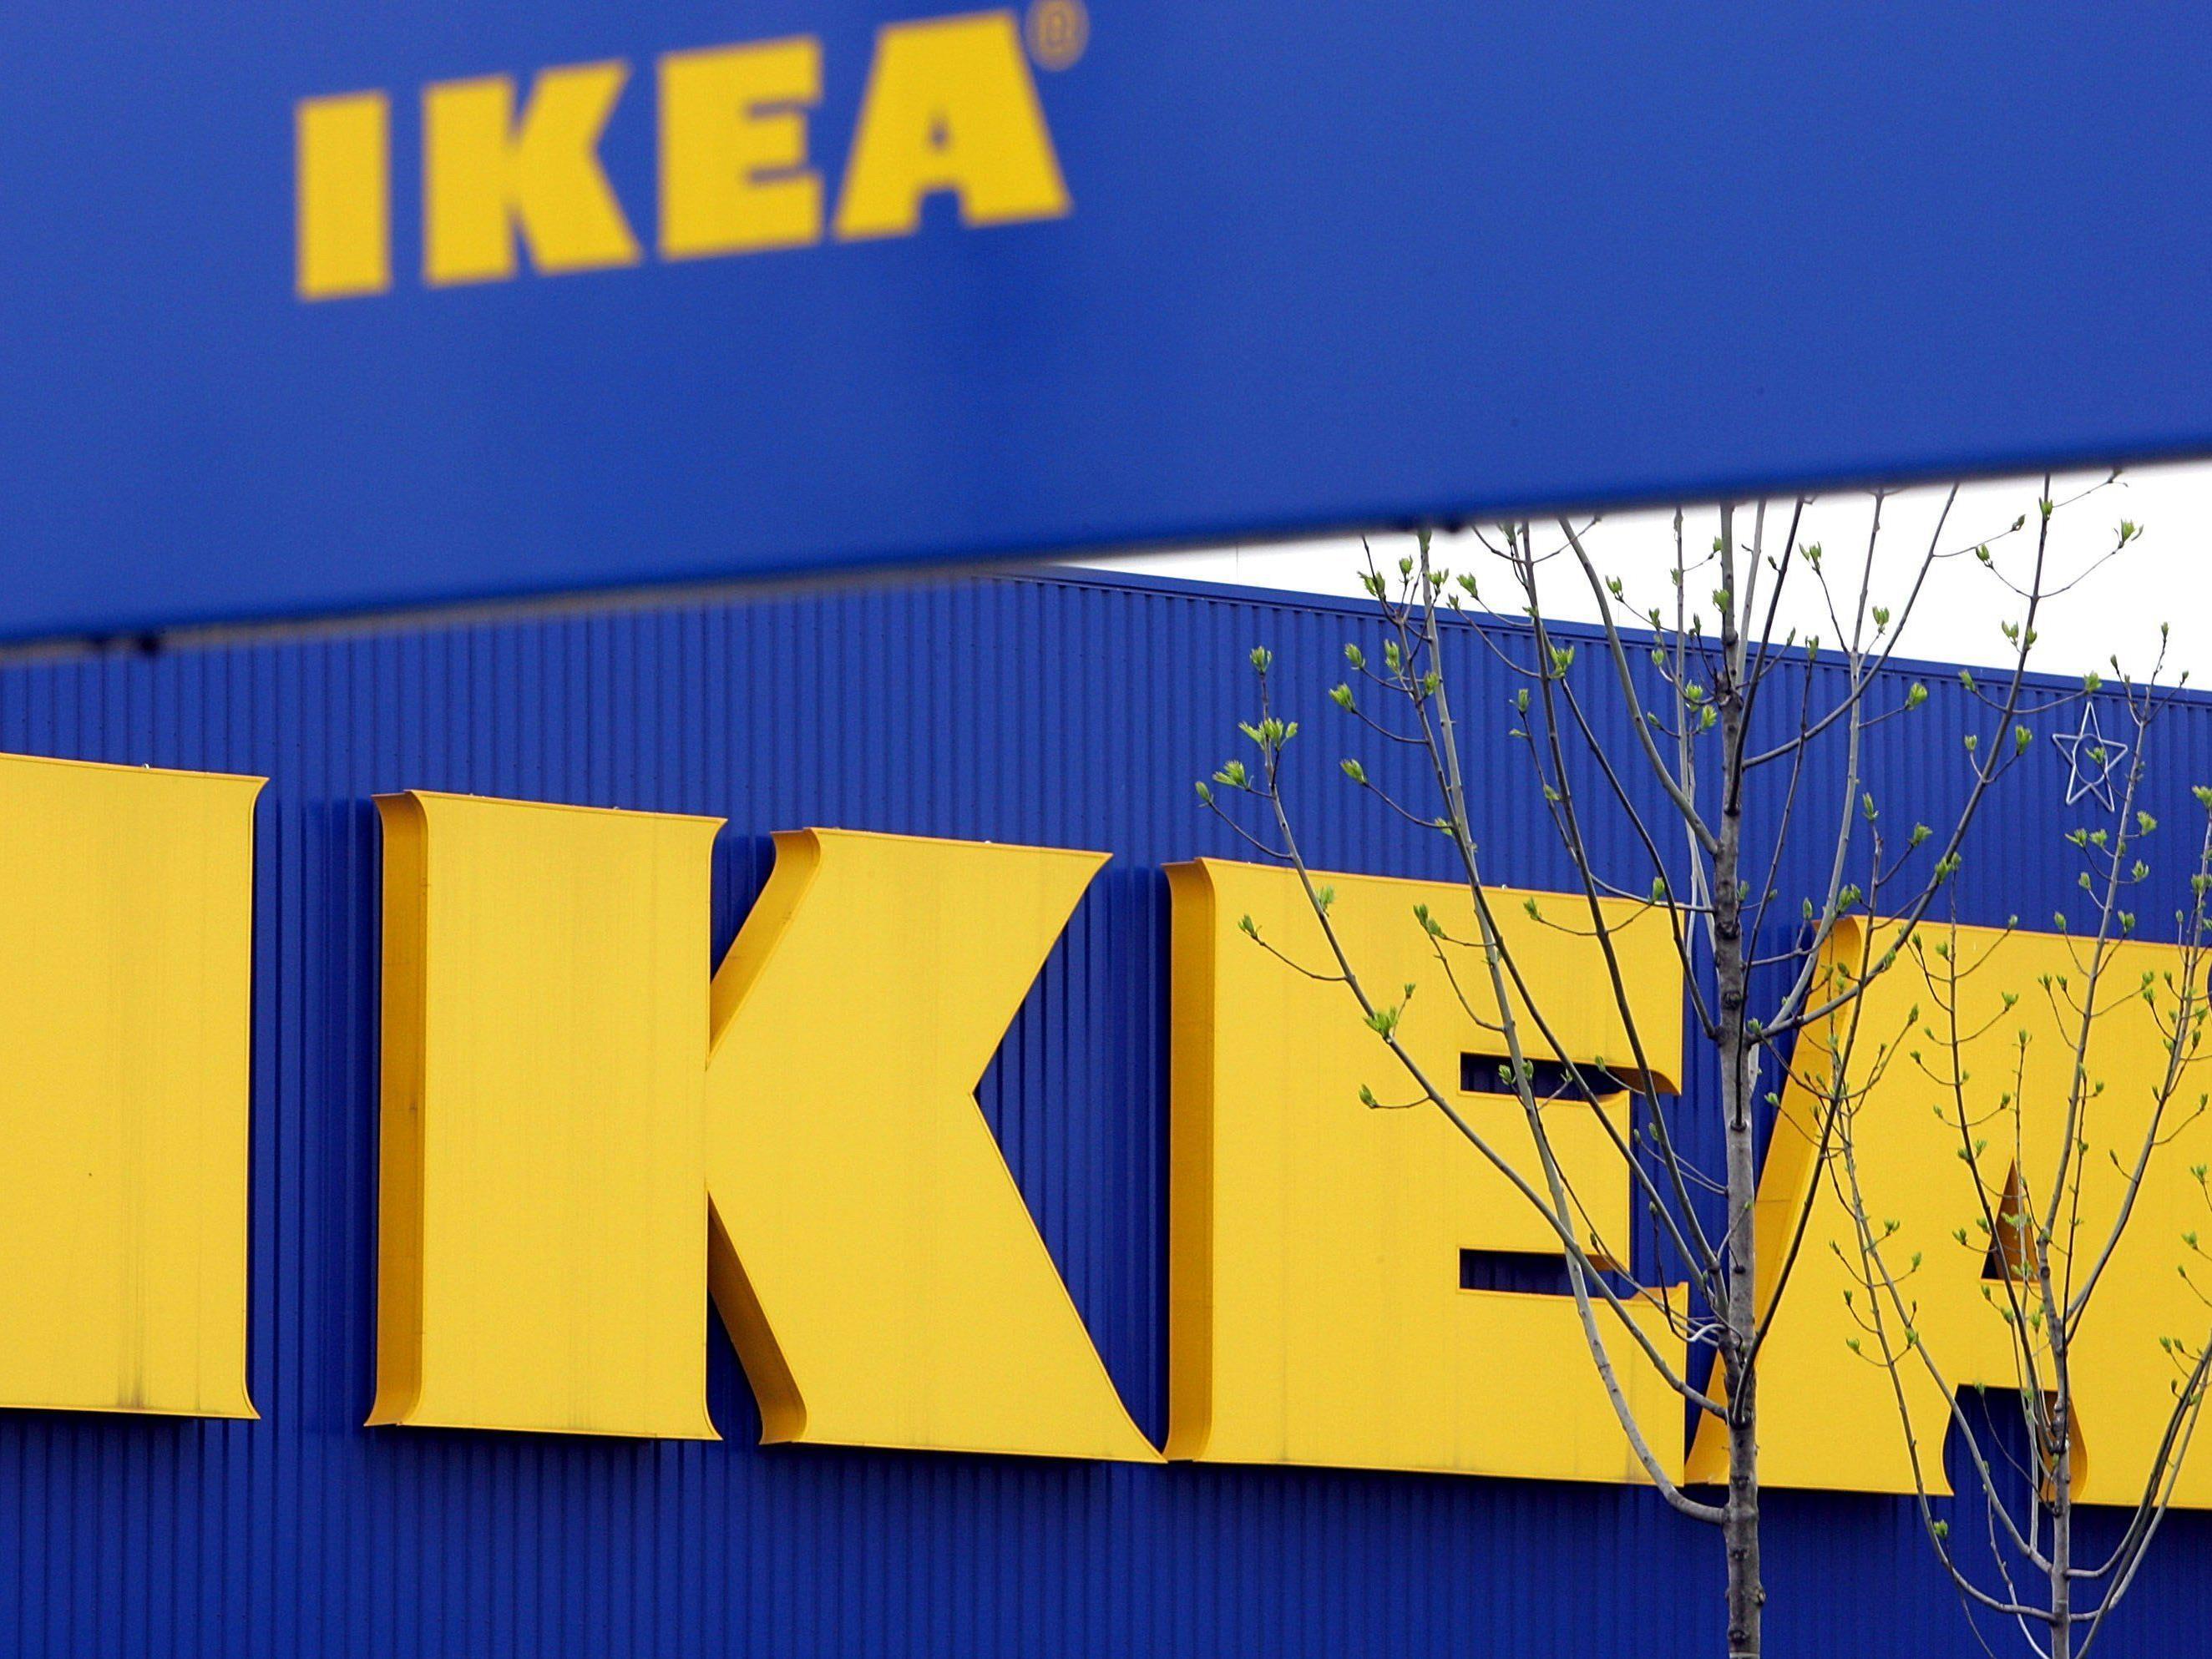 Ikea österreich Online Bestellung Und Vor Ort Abholung An